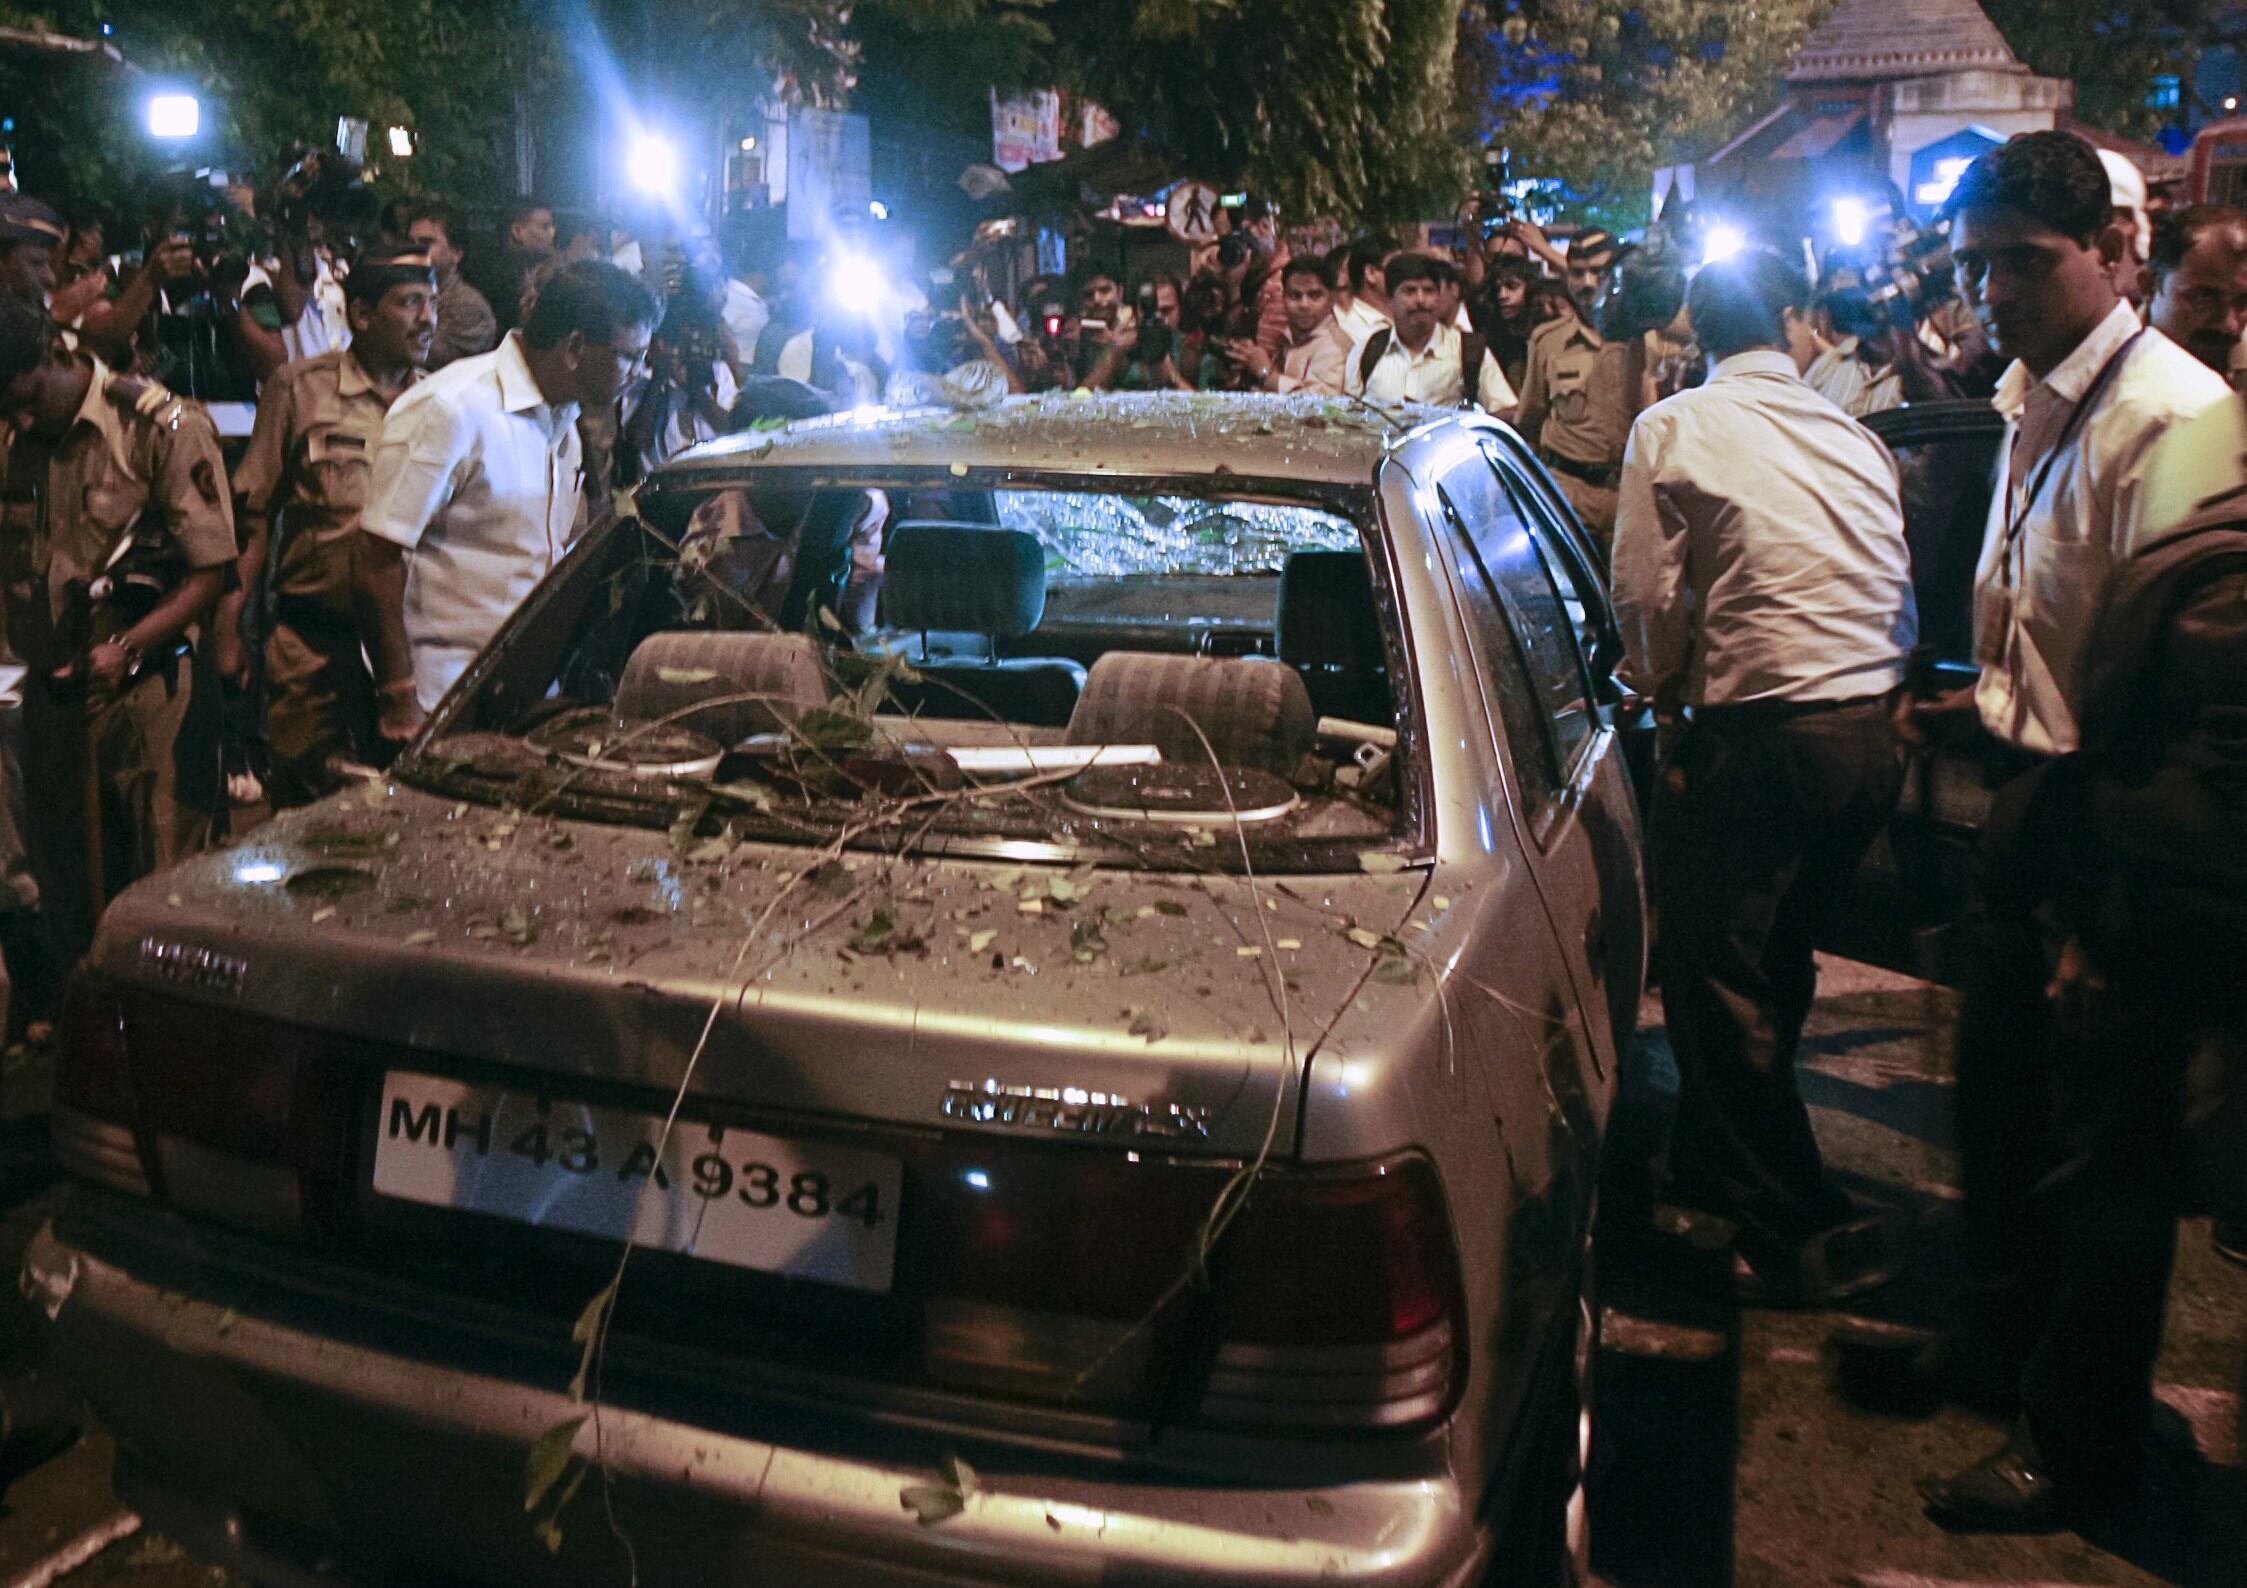 Polisi wakikagua moja ya gari lililoharibiwa baada ya shambulio la bomu mjini Mumbai, India